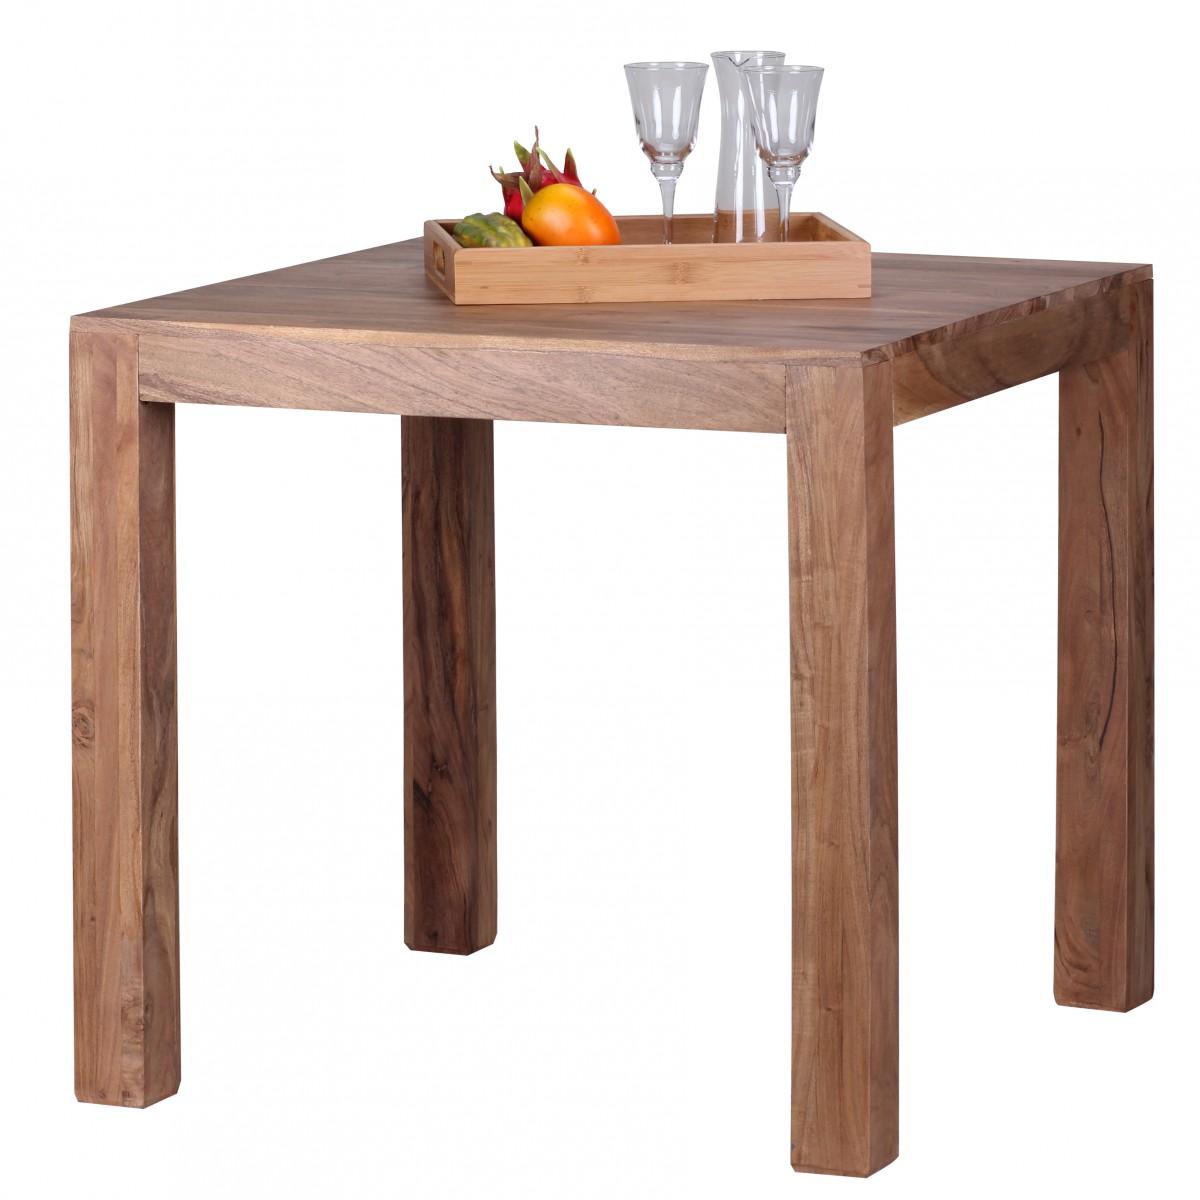 WOHNLING Esstisch MUMBAI Massivholz Akazie 80 Cm Esszimmer Tisch Holztisch  Design Küchentisch Landhaus Stil Dunkel Braun